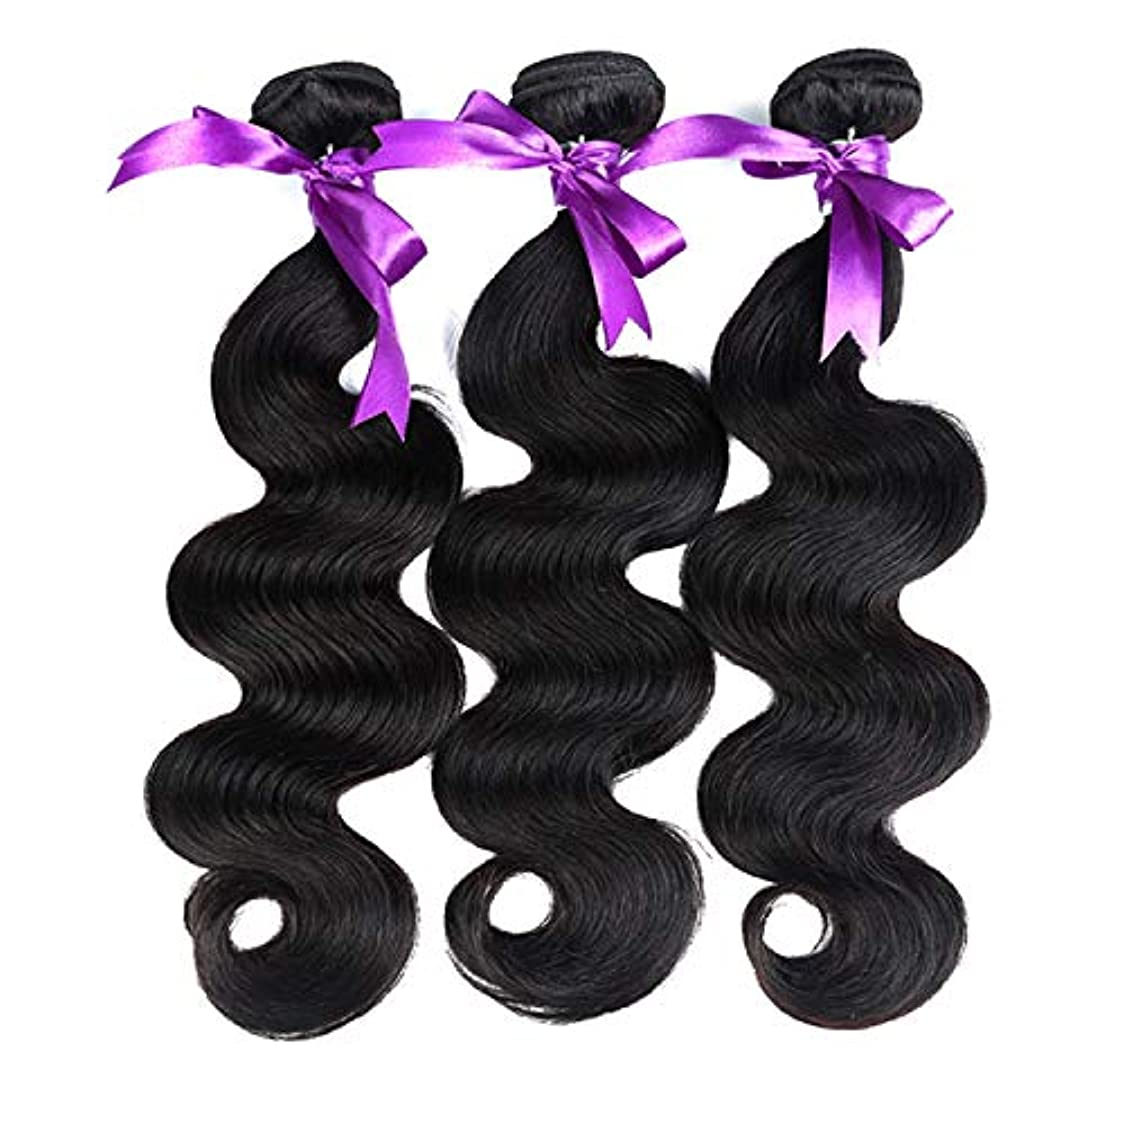 サバントフィルタクリアかつら ブラジルの体毛バンドル8-28インチ100%人間の髪織りレミー髪ナチュラルカラー3ピース体毛バンドル (Stretched Length : 10 12 12)